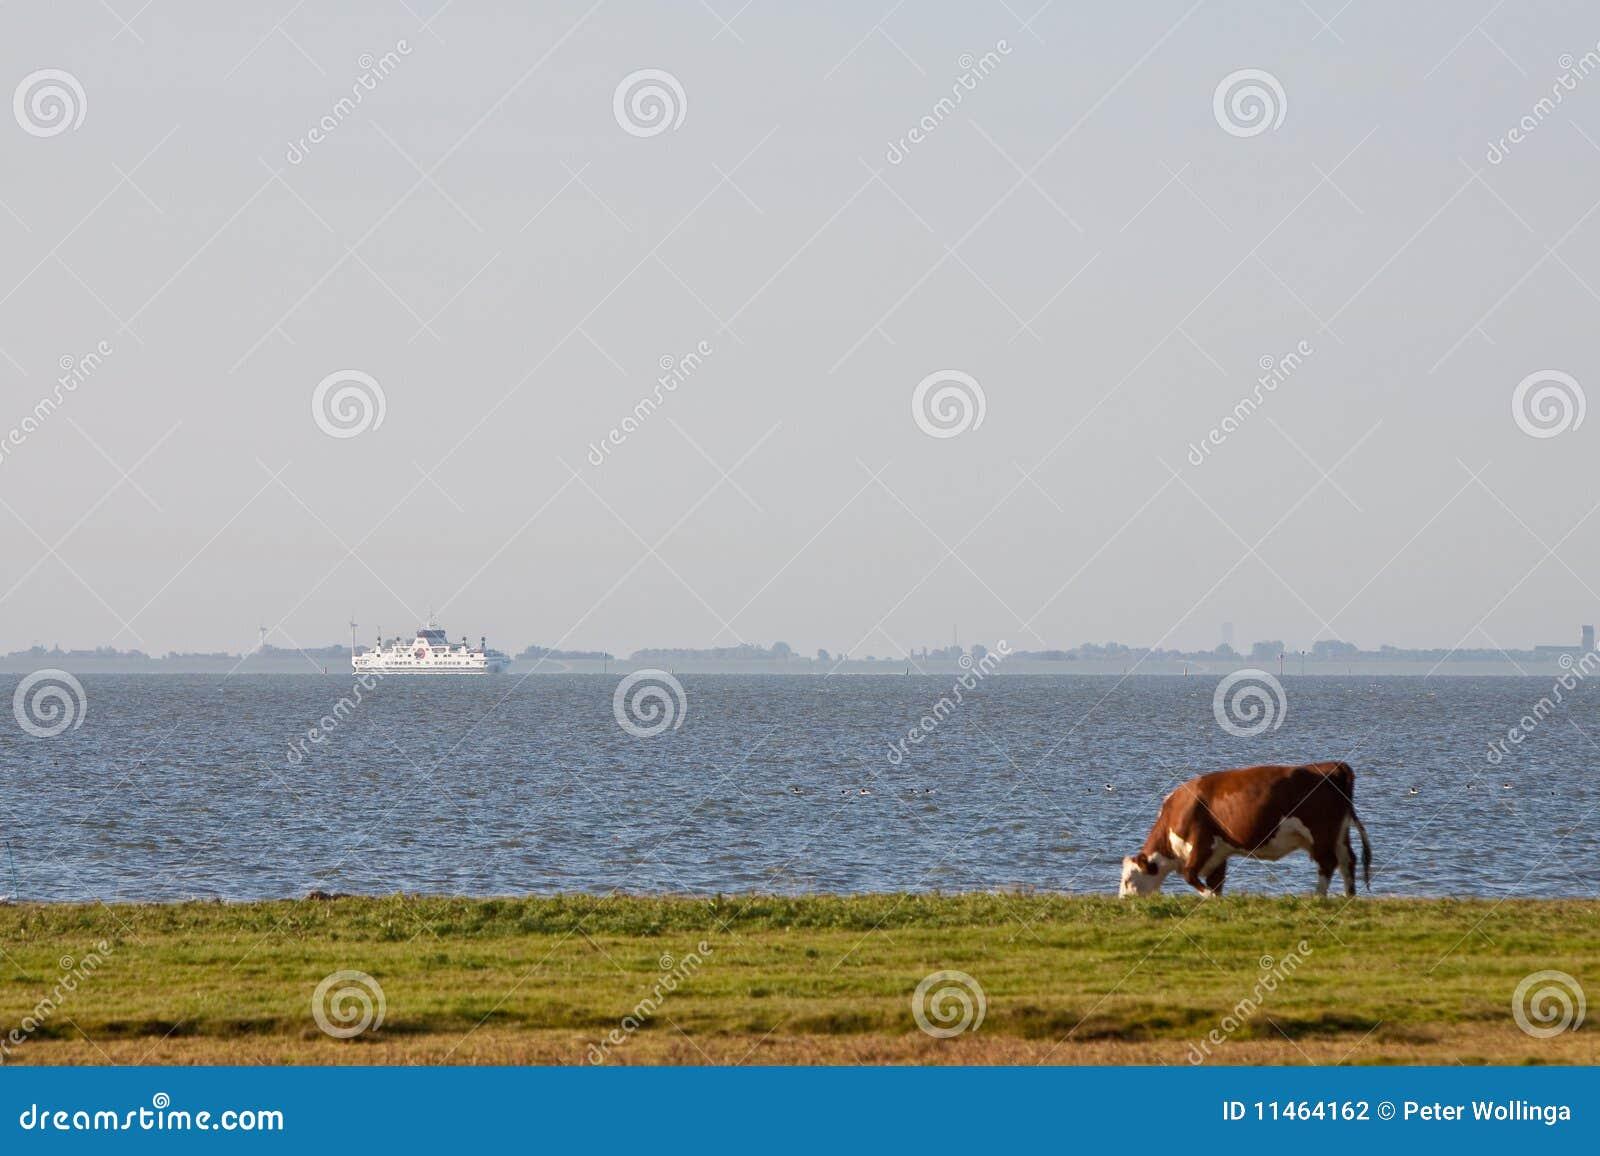 Kuh, die in einem Ackerland nahe Wasser weiden lässt